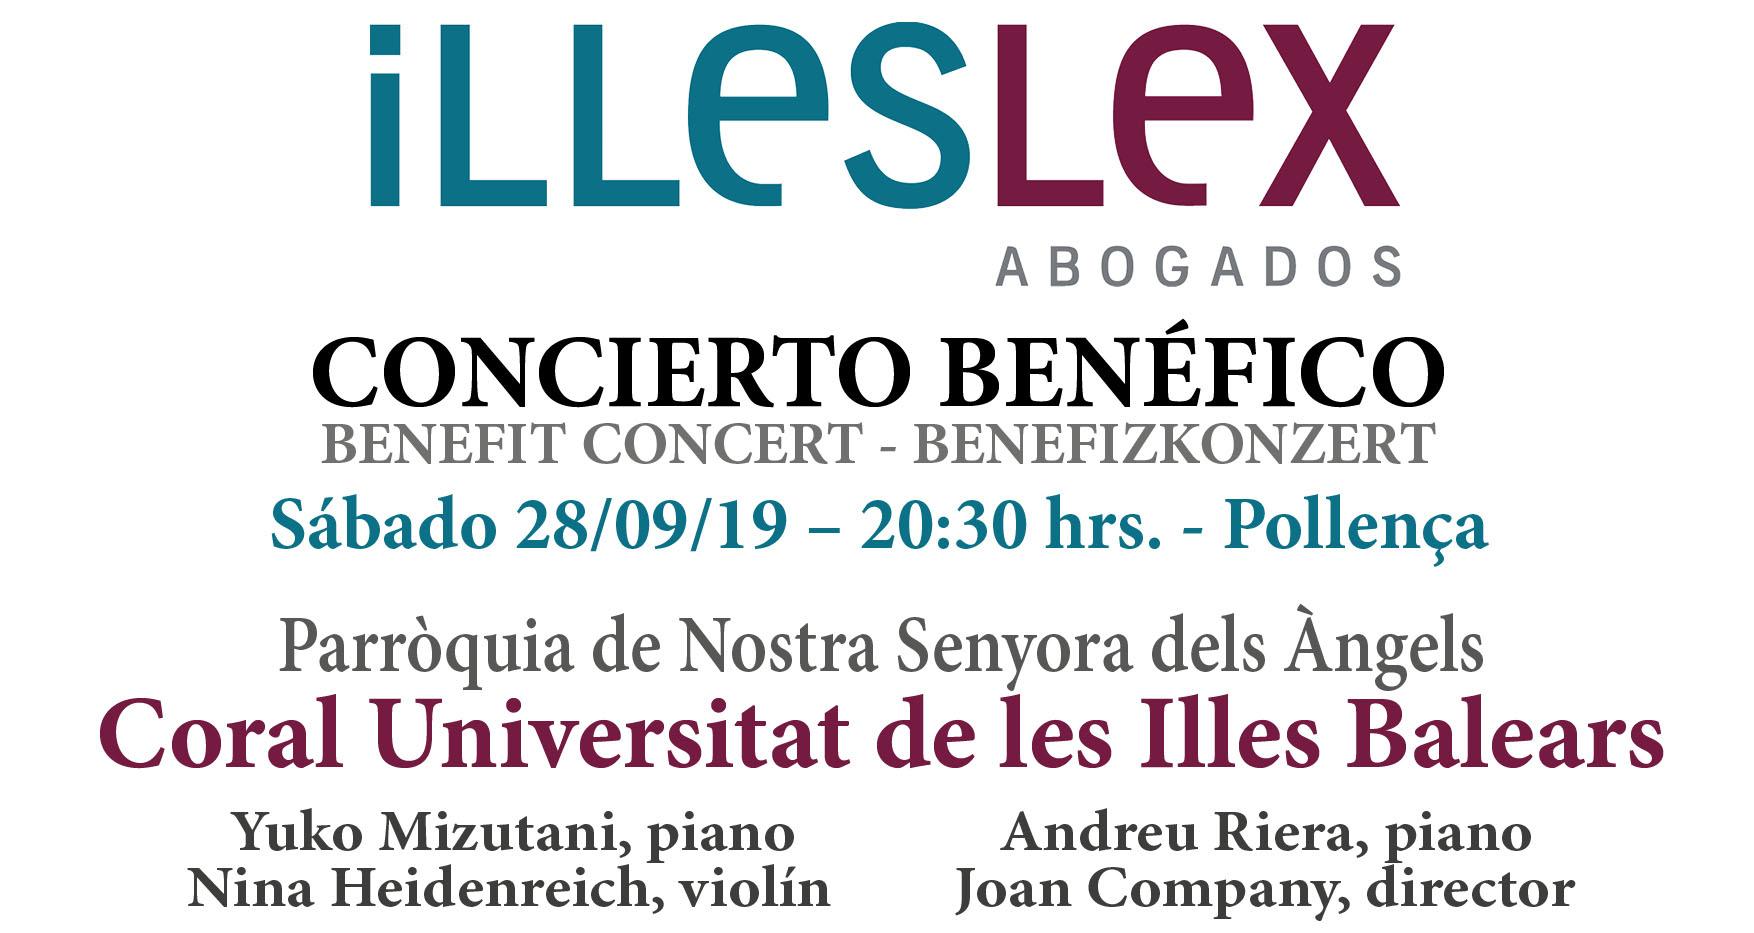 Illeslex Abogados organiza un concierto benéfico en favor de  Cáritas y Montesión Solidaria